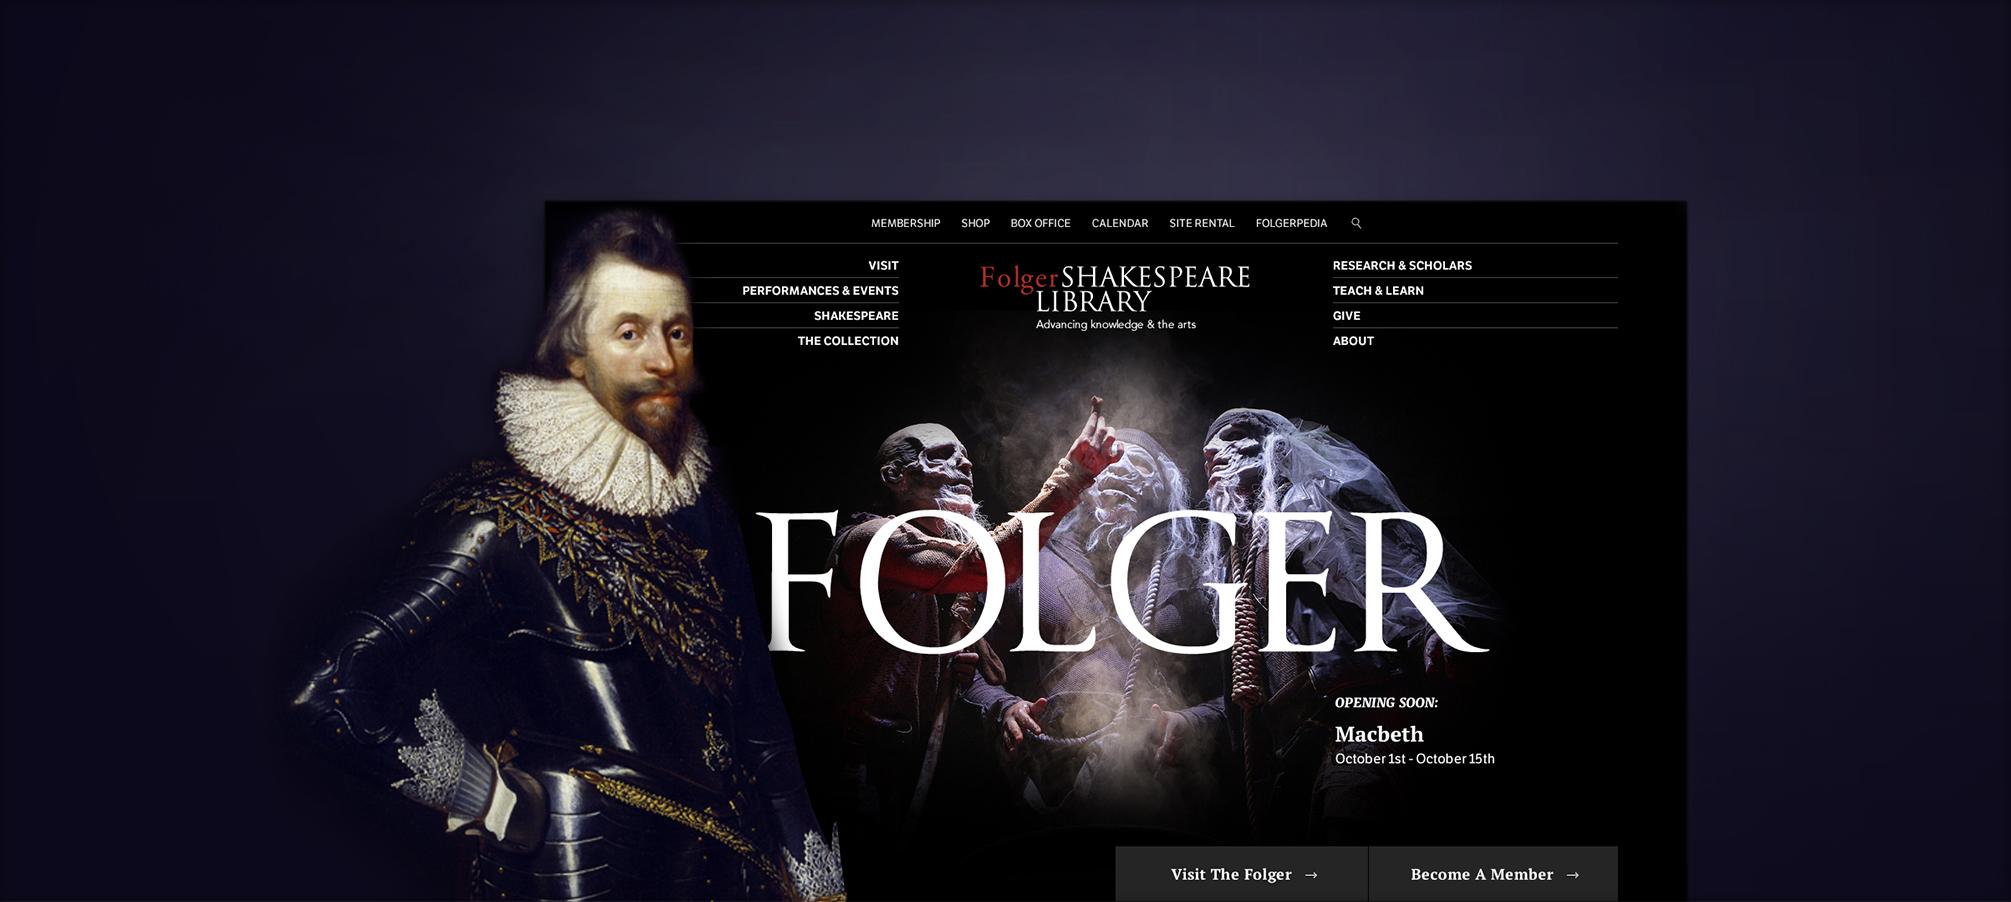 Design direction presentation for Folger.edu